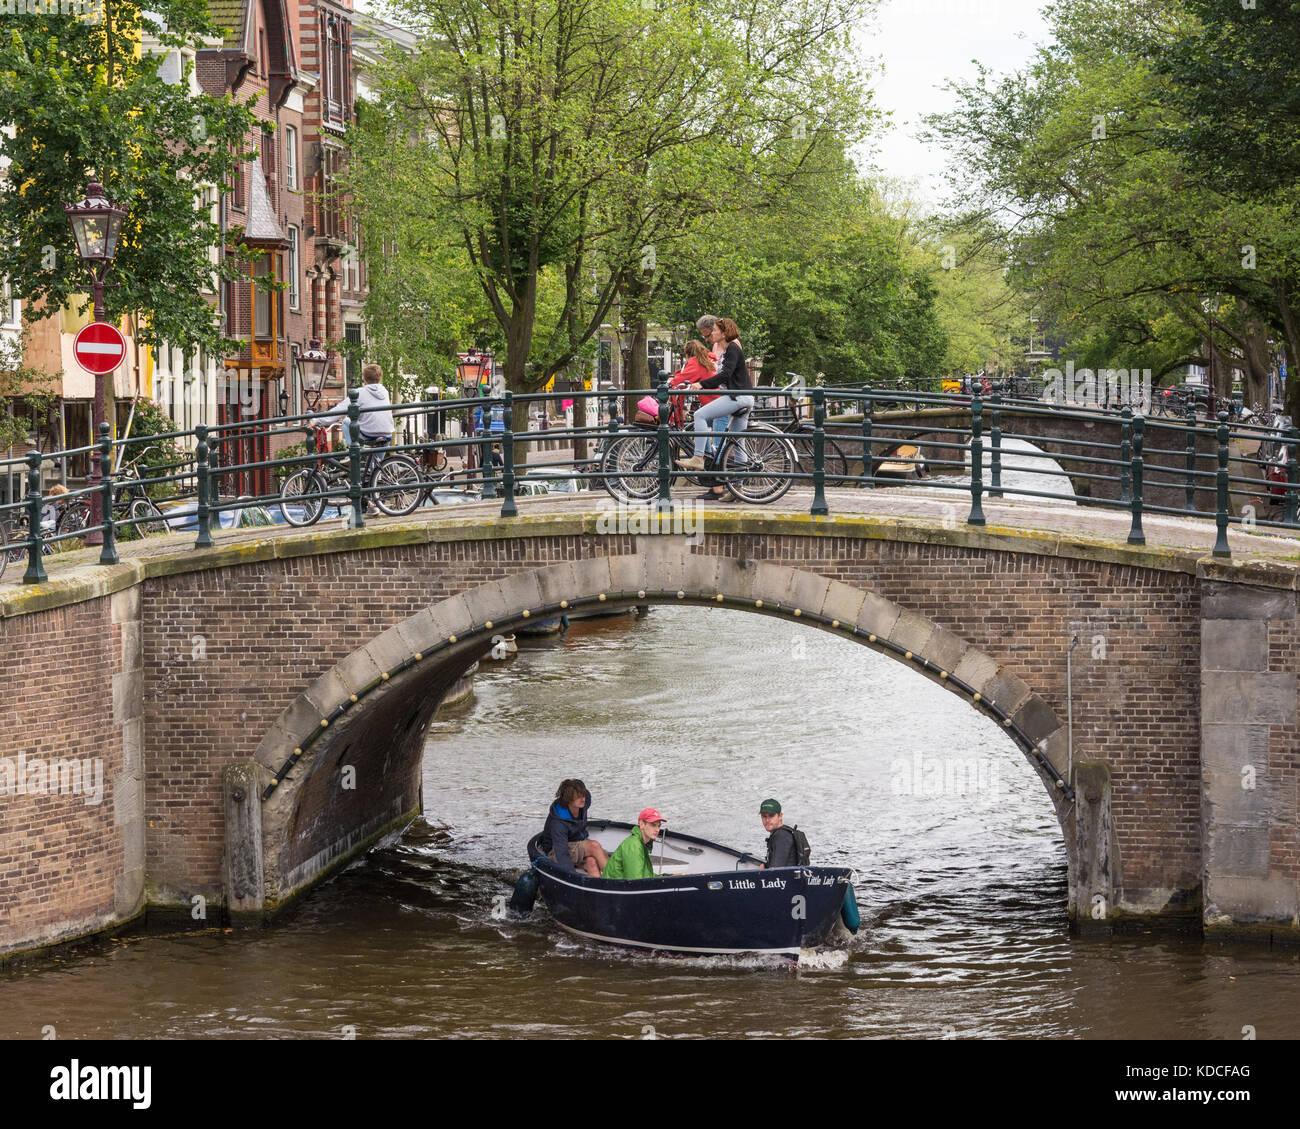 Persone in bicicletta su un ponte sul canale Reguliersgracht ad Amsterdam in Olanda come una piccola barca che passa Foto Stock